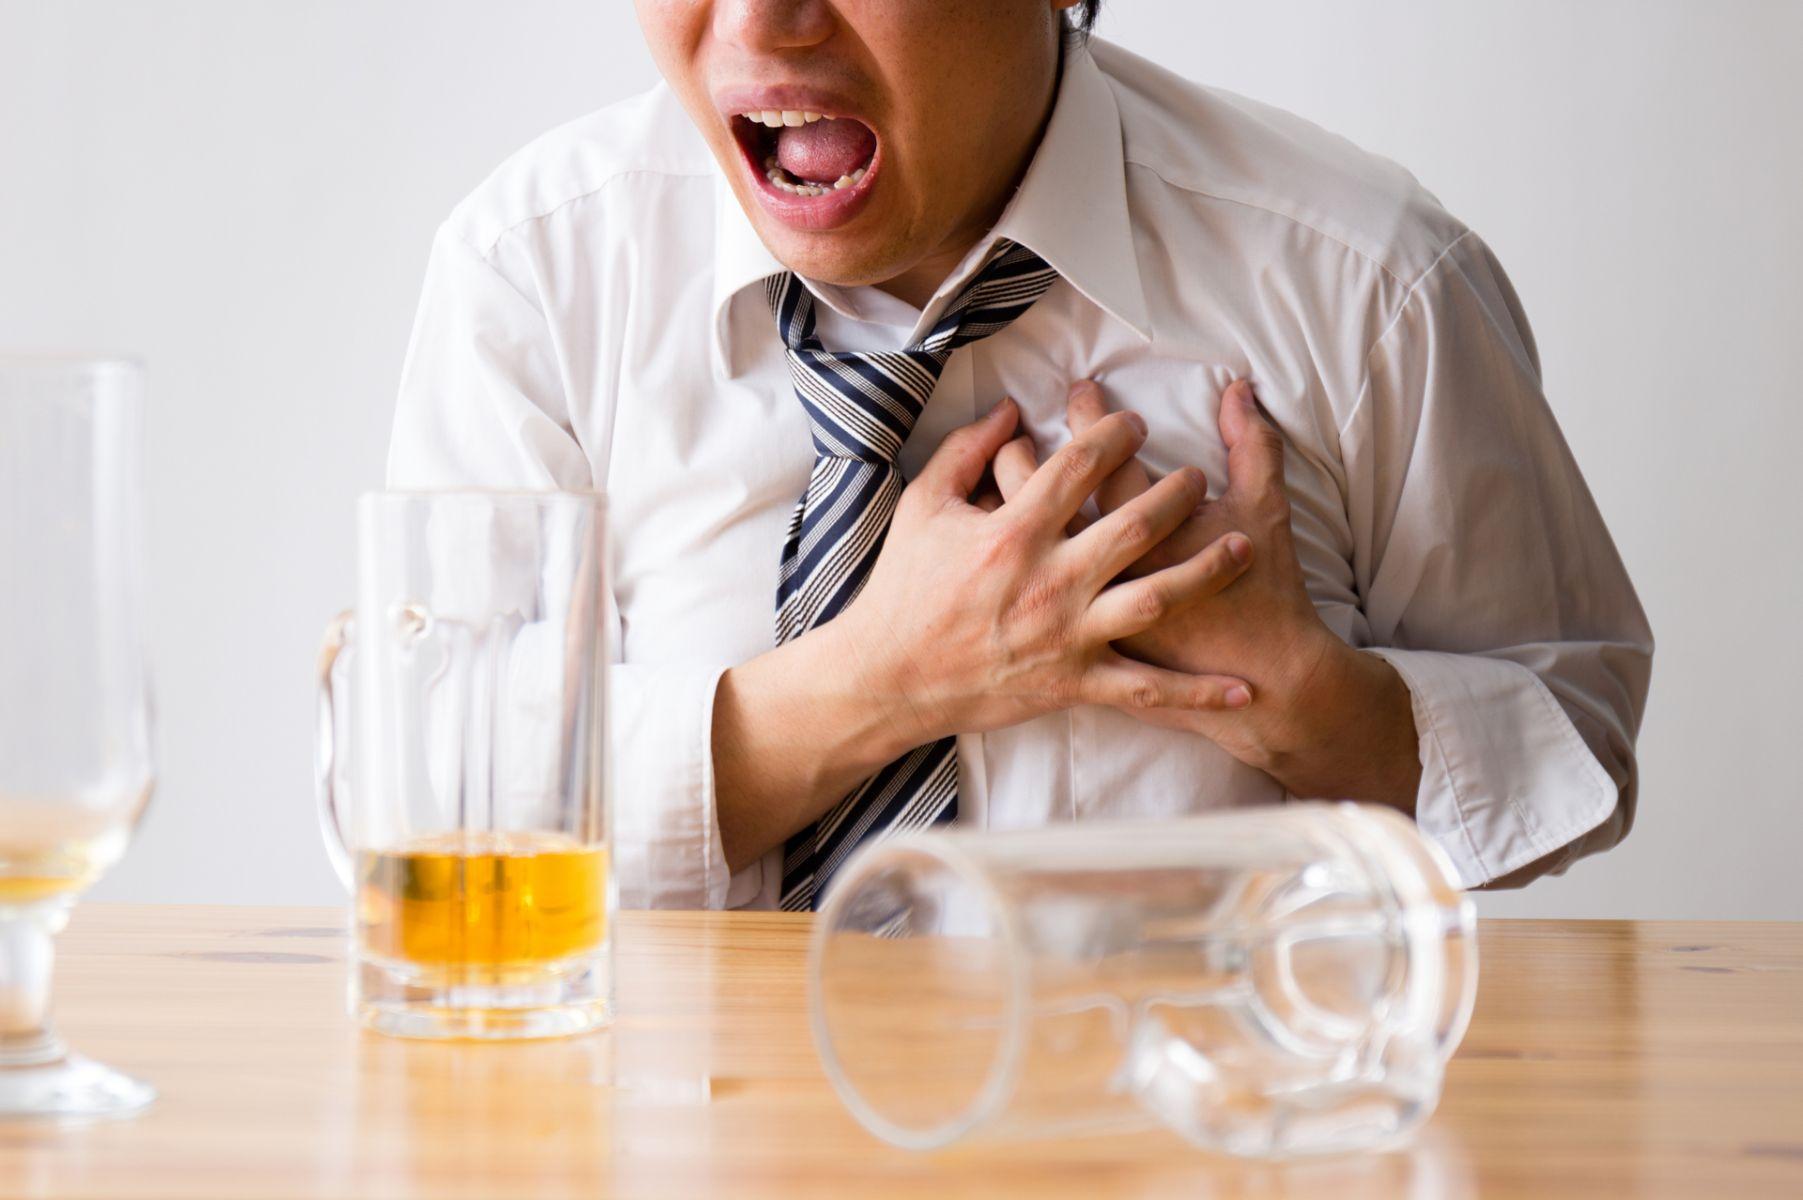 不想讓心血管疾病找上門,心臟健檢該怎麼做?名醫詳細說明